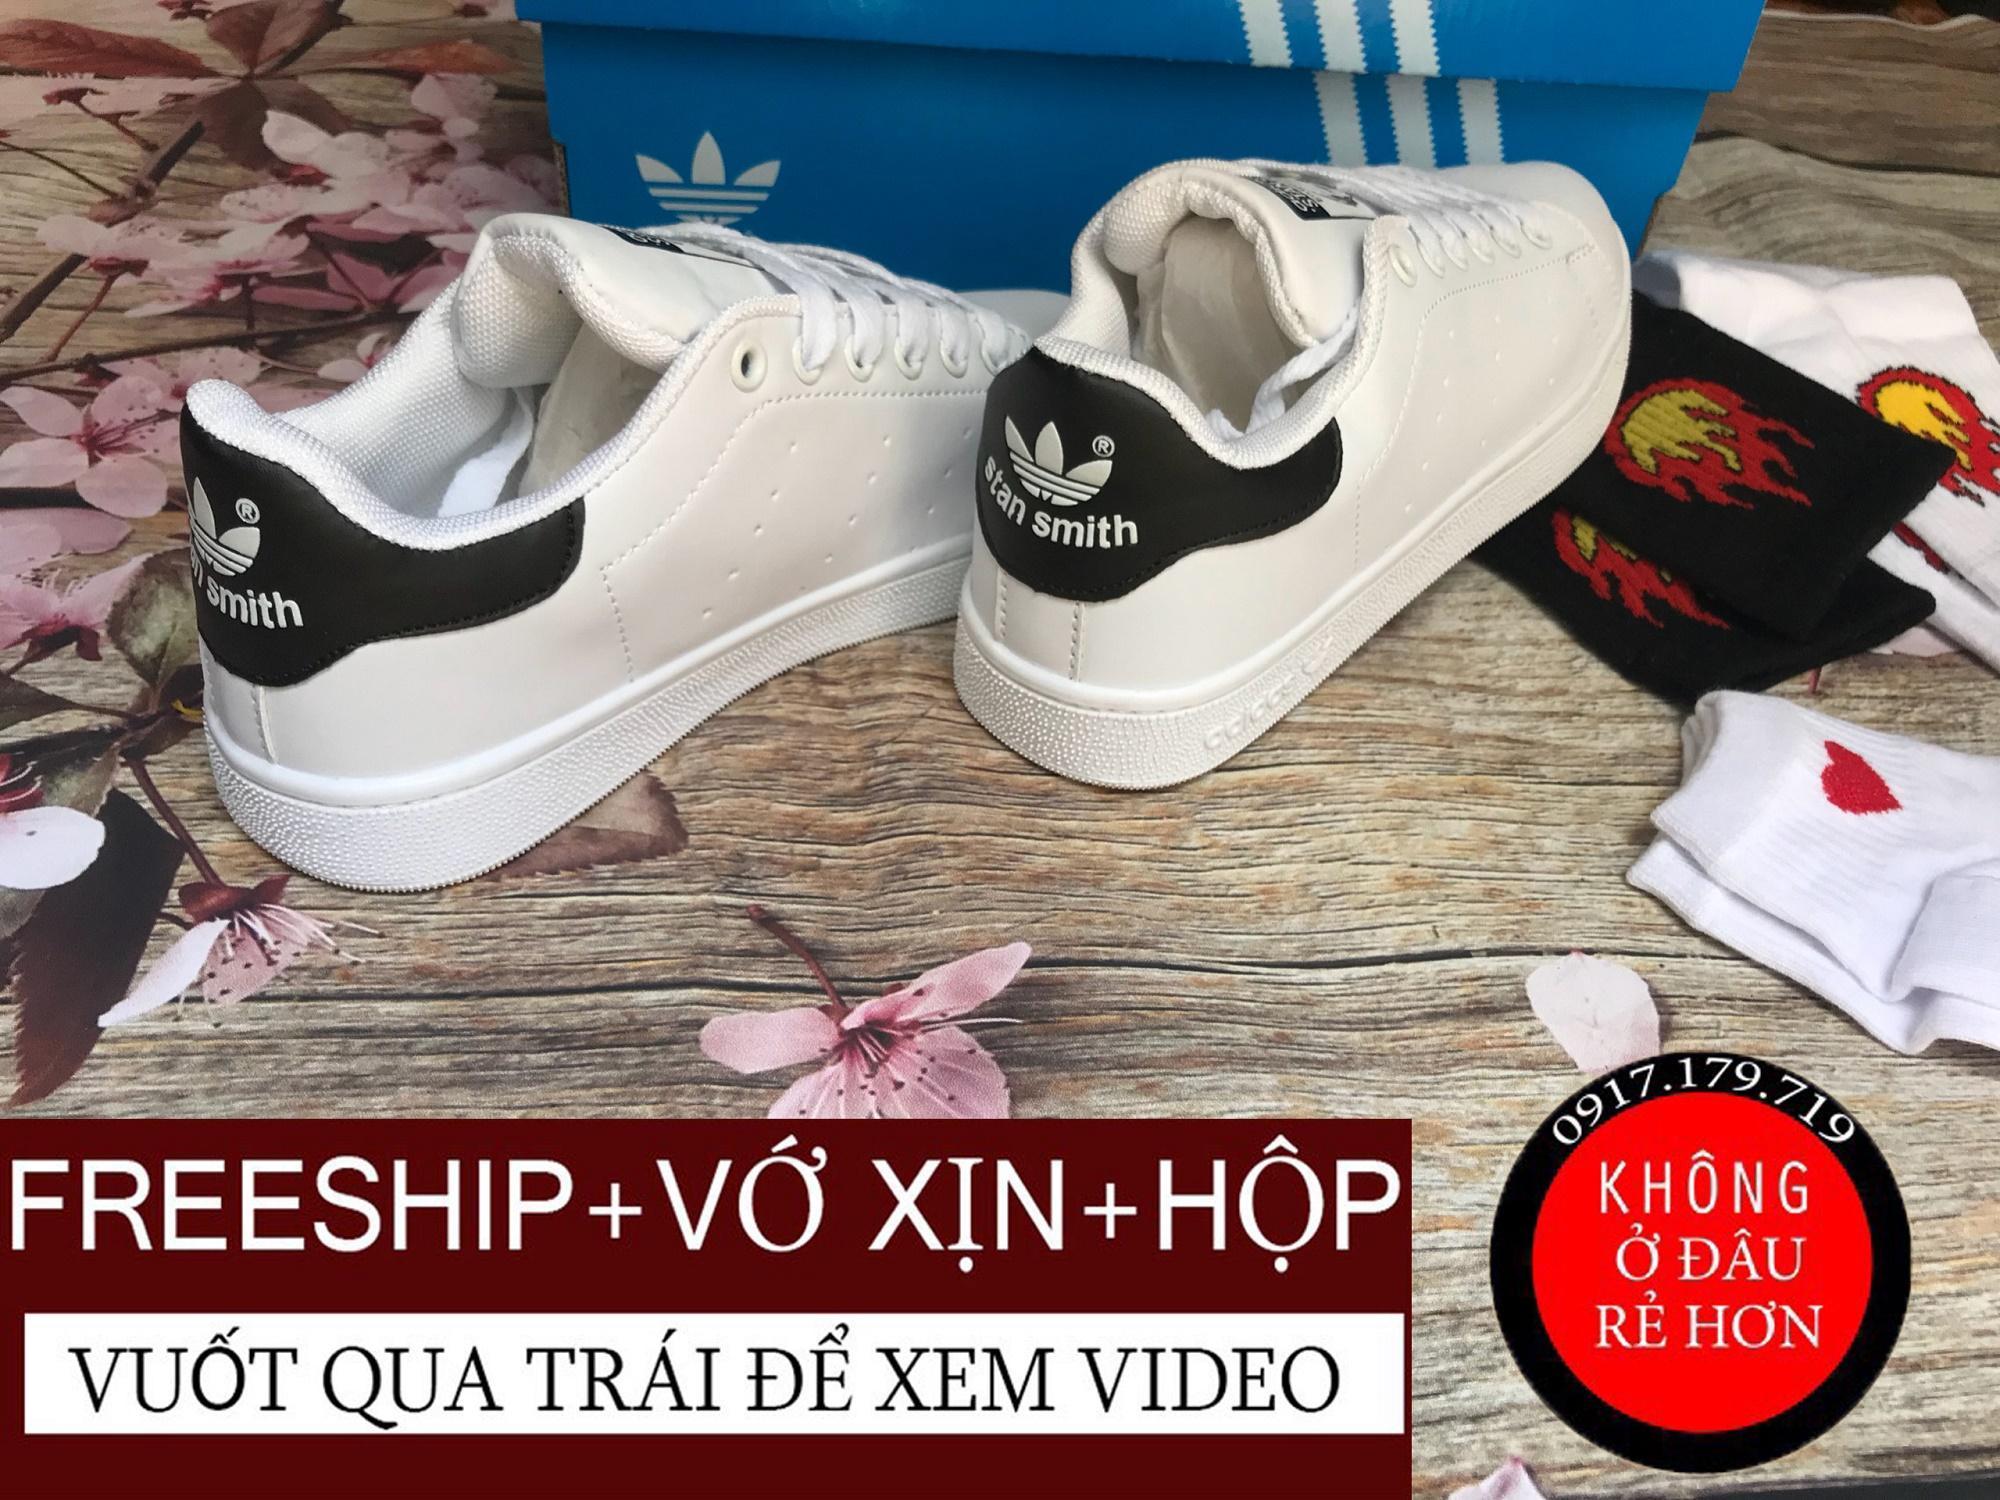 Hình ảnh [TẶNG VỚ+HỘP+VỚ] Giày Stan Smith Gót Đen Nam Nữ Hàng VNXK, Có Video